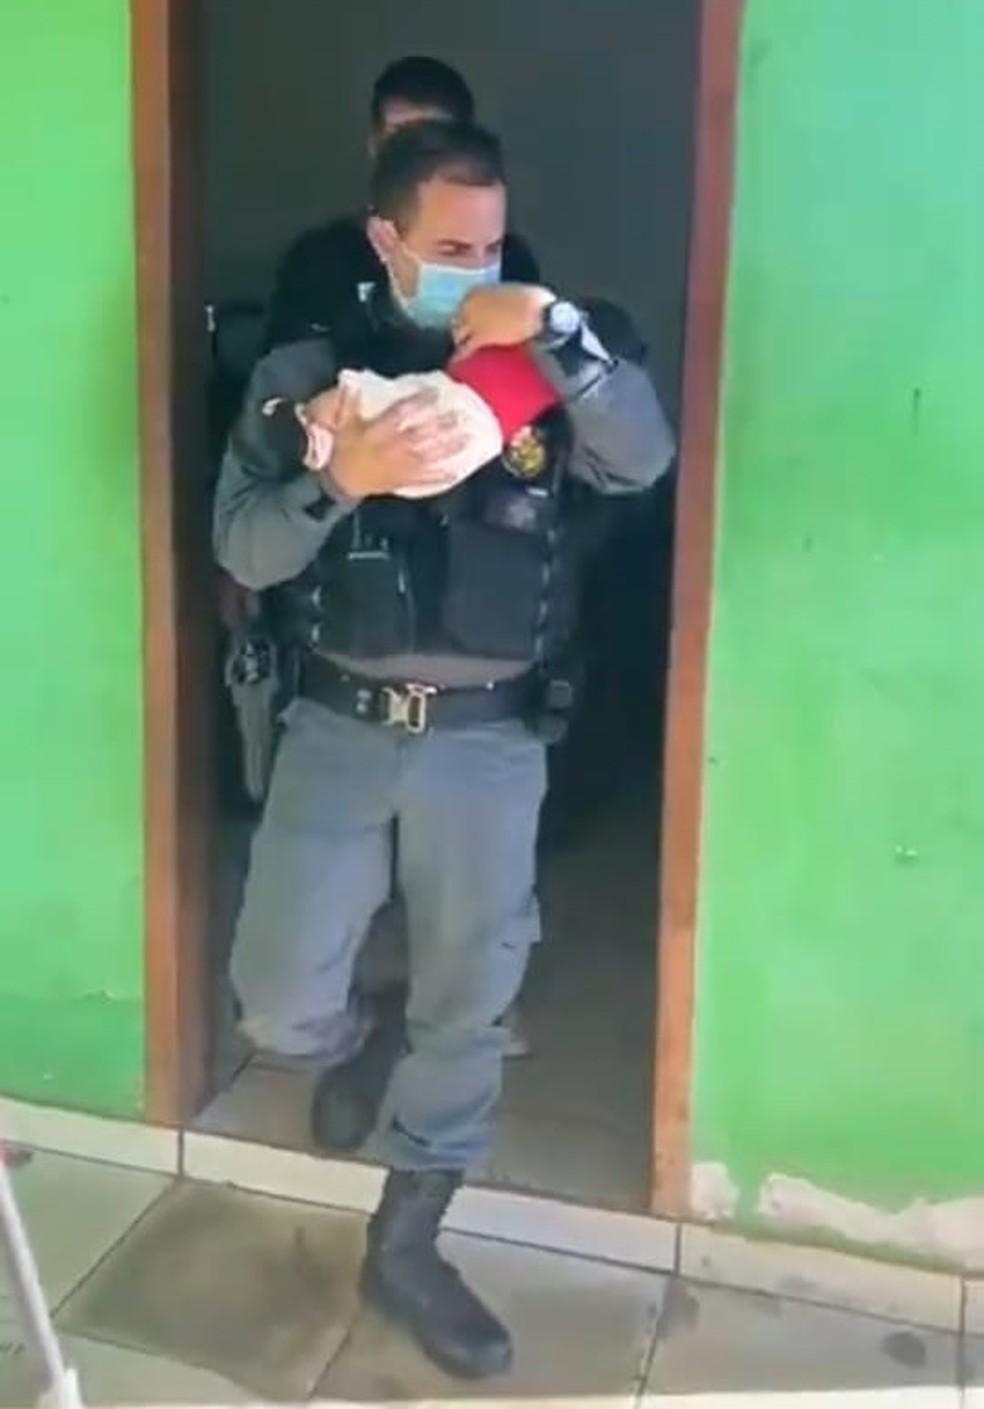 Bebê de dois meses foi resgatado nesta terça-feira (8) depois de ser abandonado em uma boca de fumo em Pontes e Lacerda — Foto: Divulgação